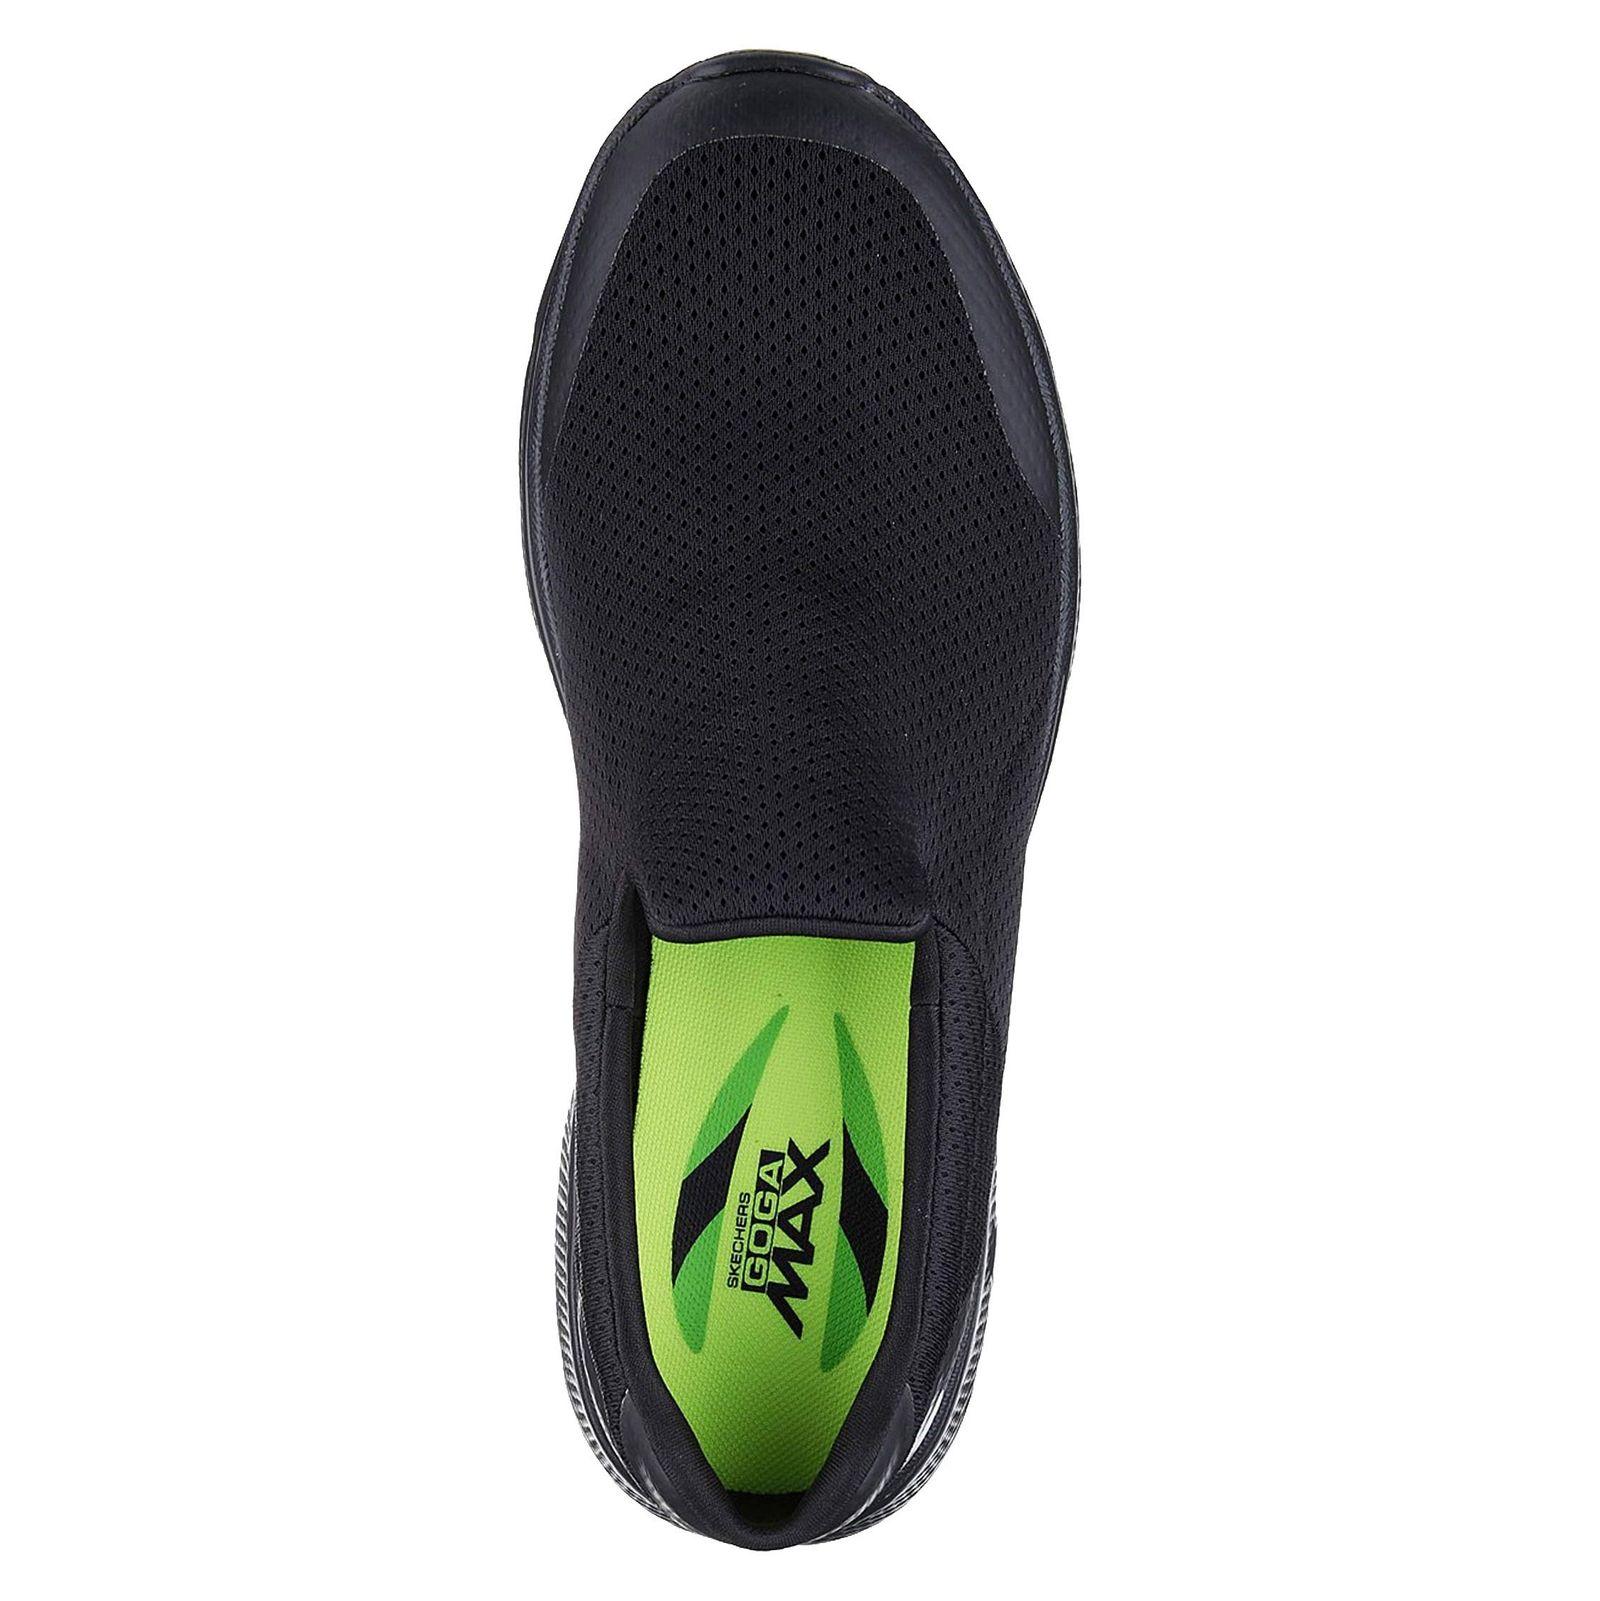 کفش پیاده روی پارچه ای مردانه GOwalk 4 Incredible - اسکچرز - مشکي - 2